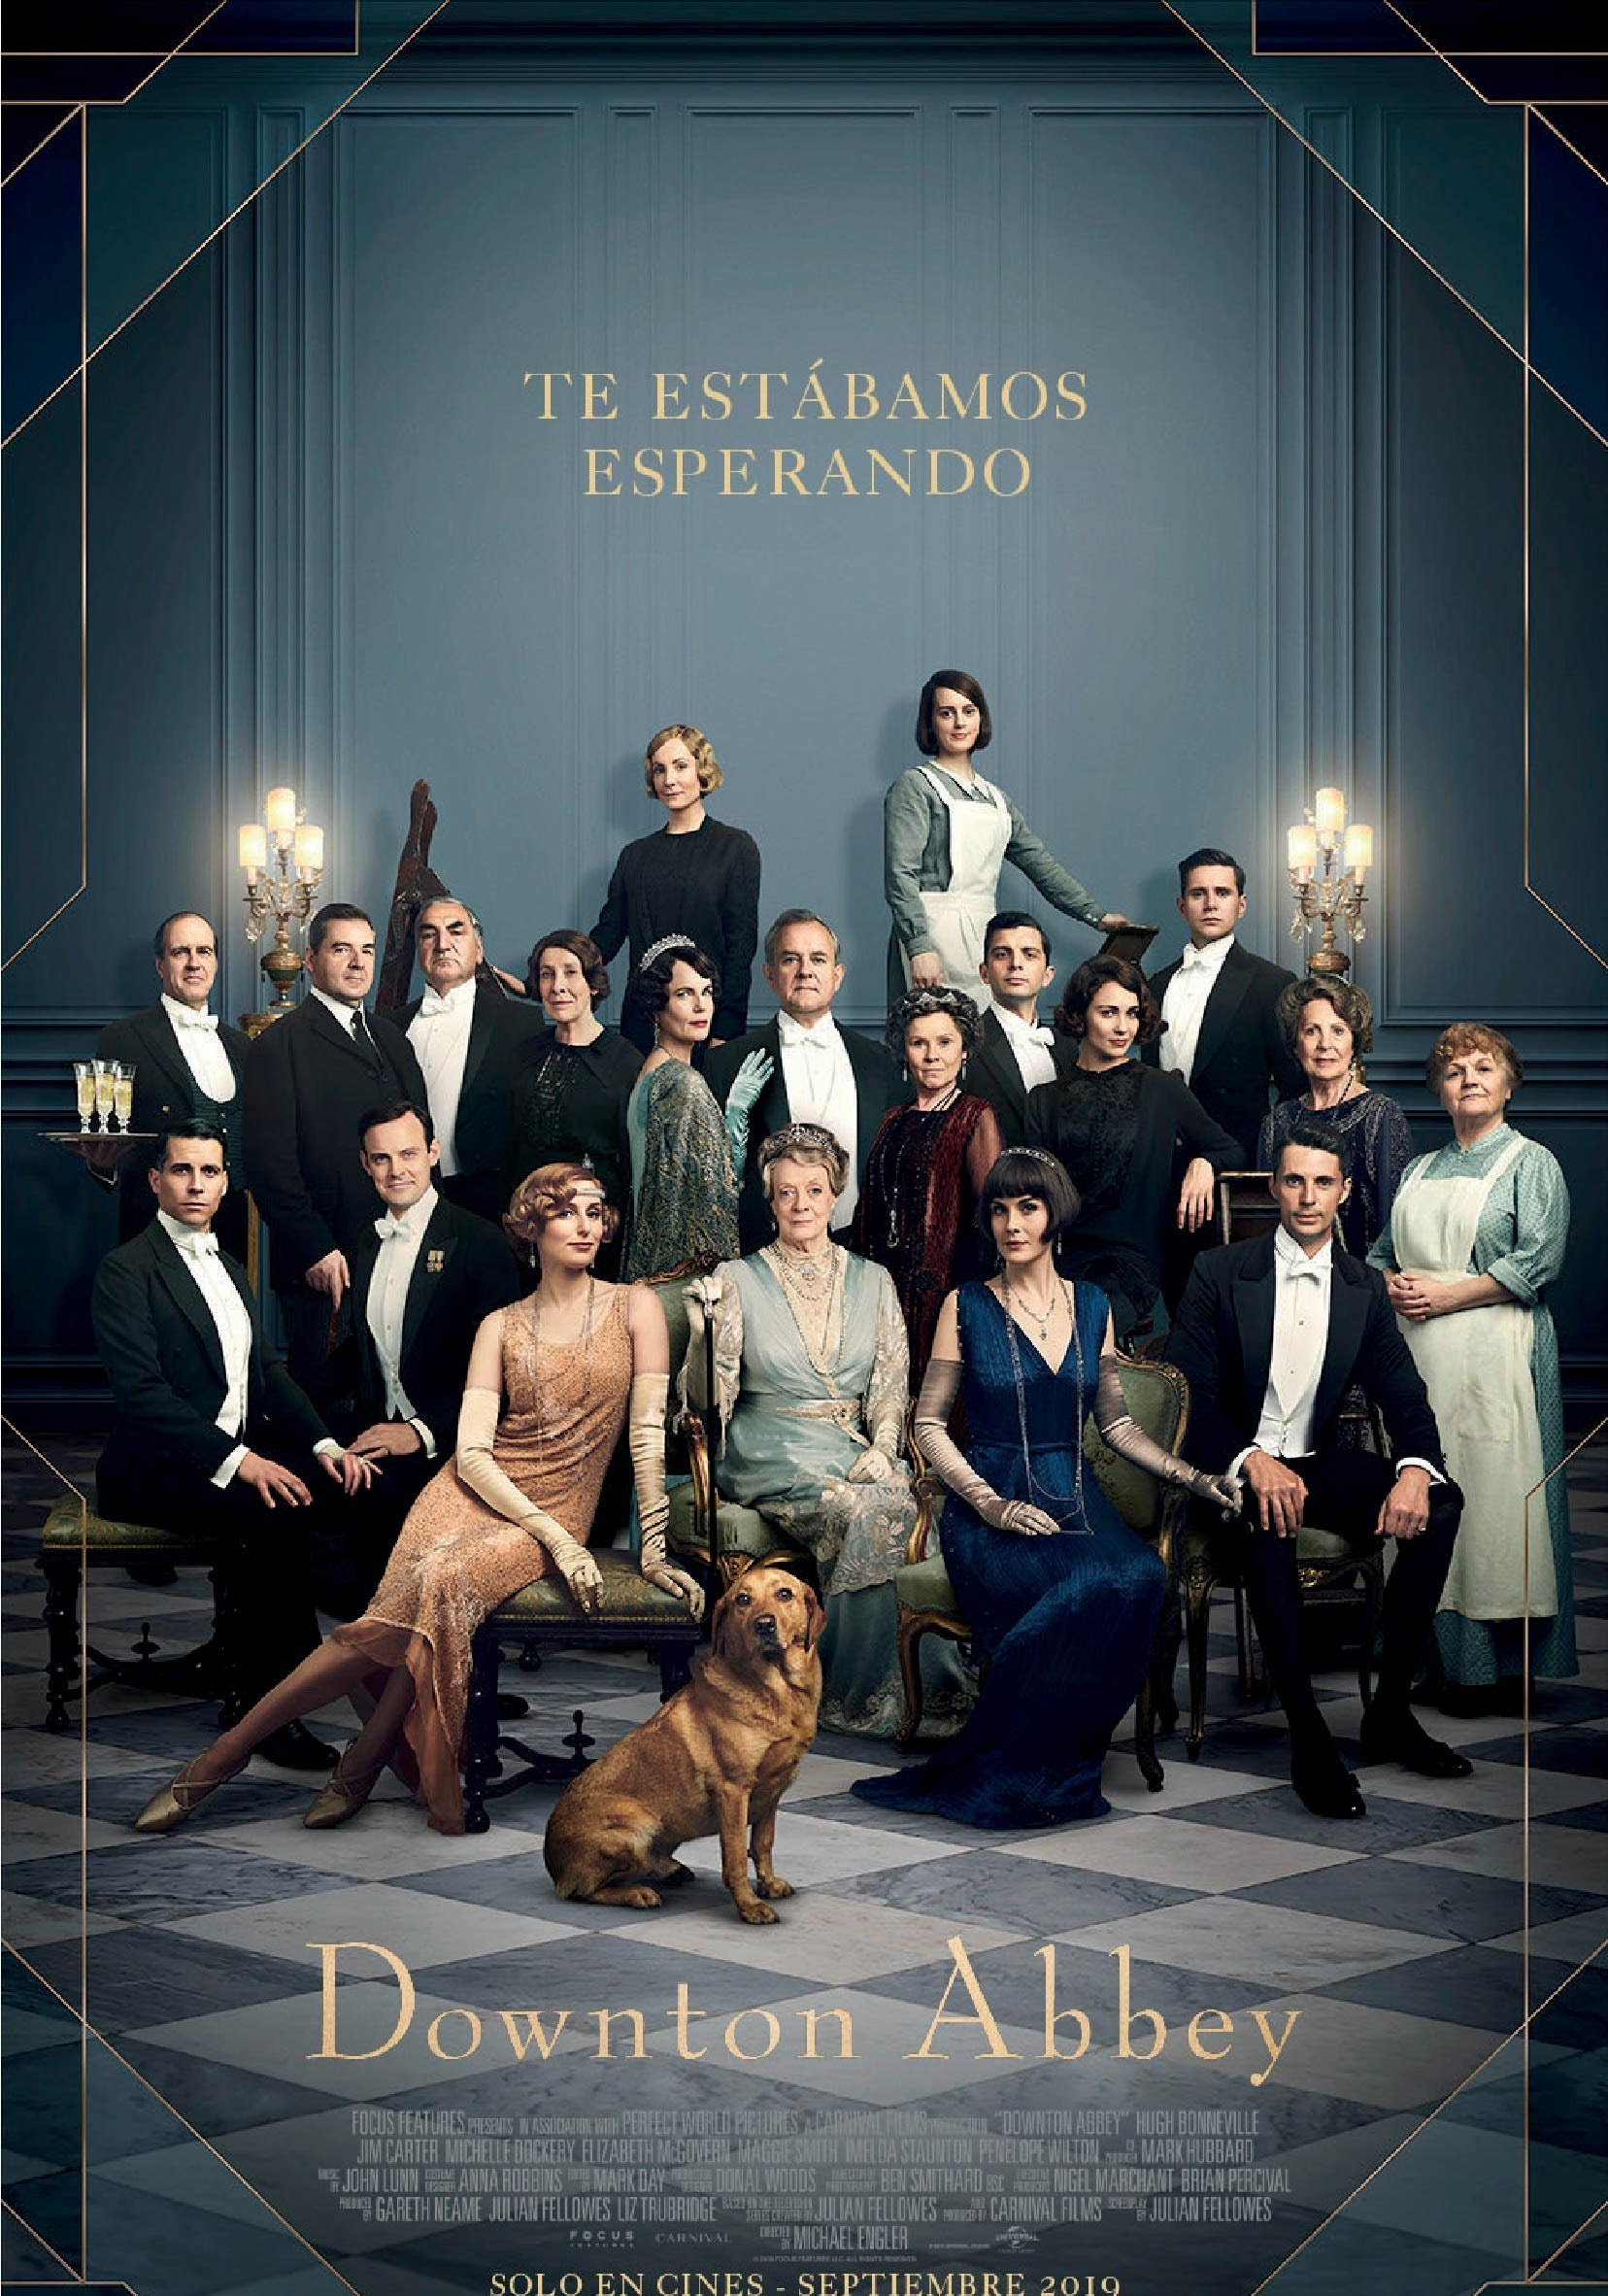 Downton Abbey / Estreno: 1 de noviembre